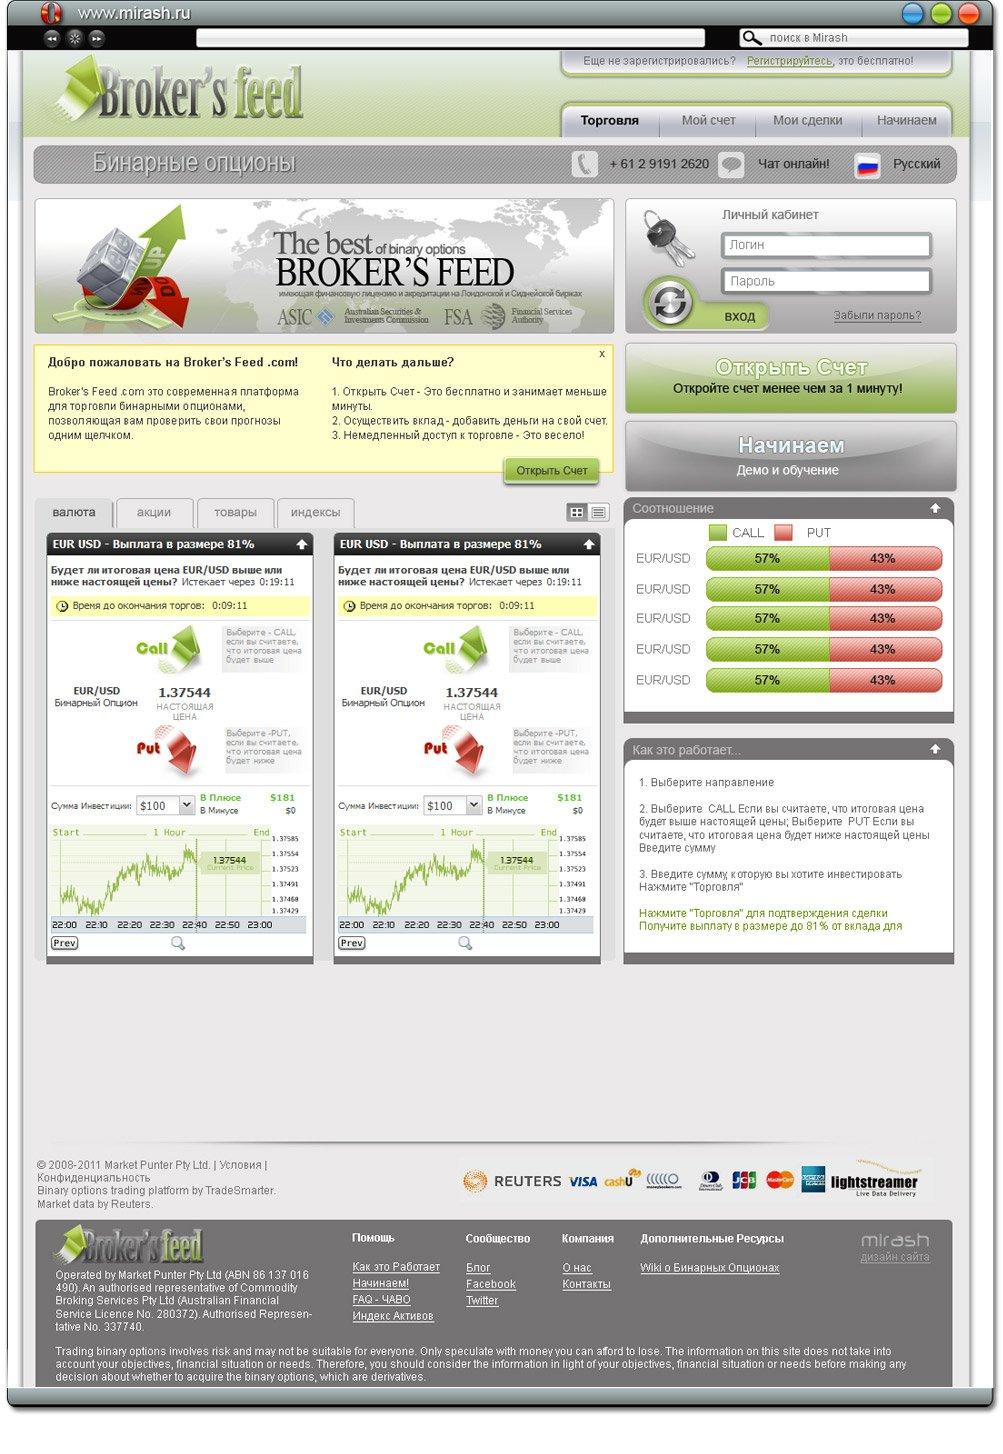 Веб-дизайн сайта Бинарные опционы для торговли на валютном рынке Форекс brokersfeed.com